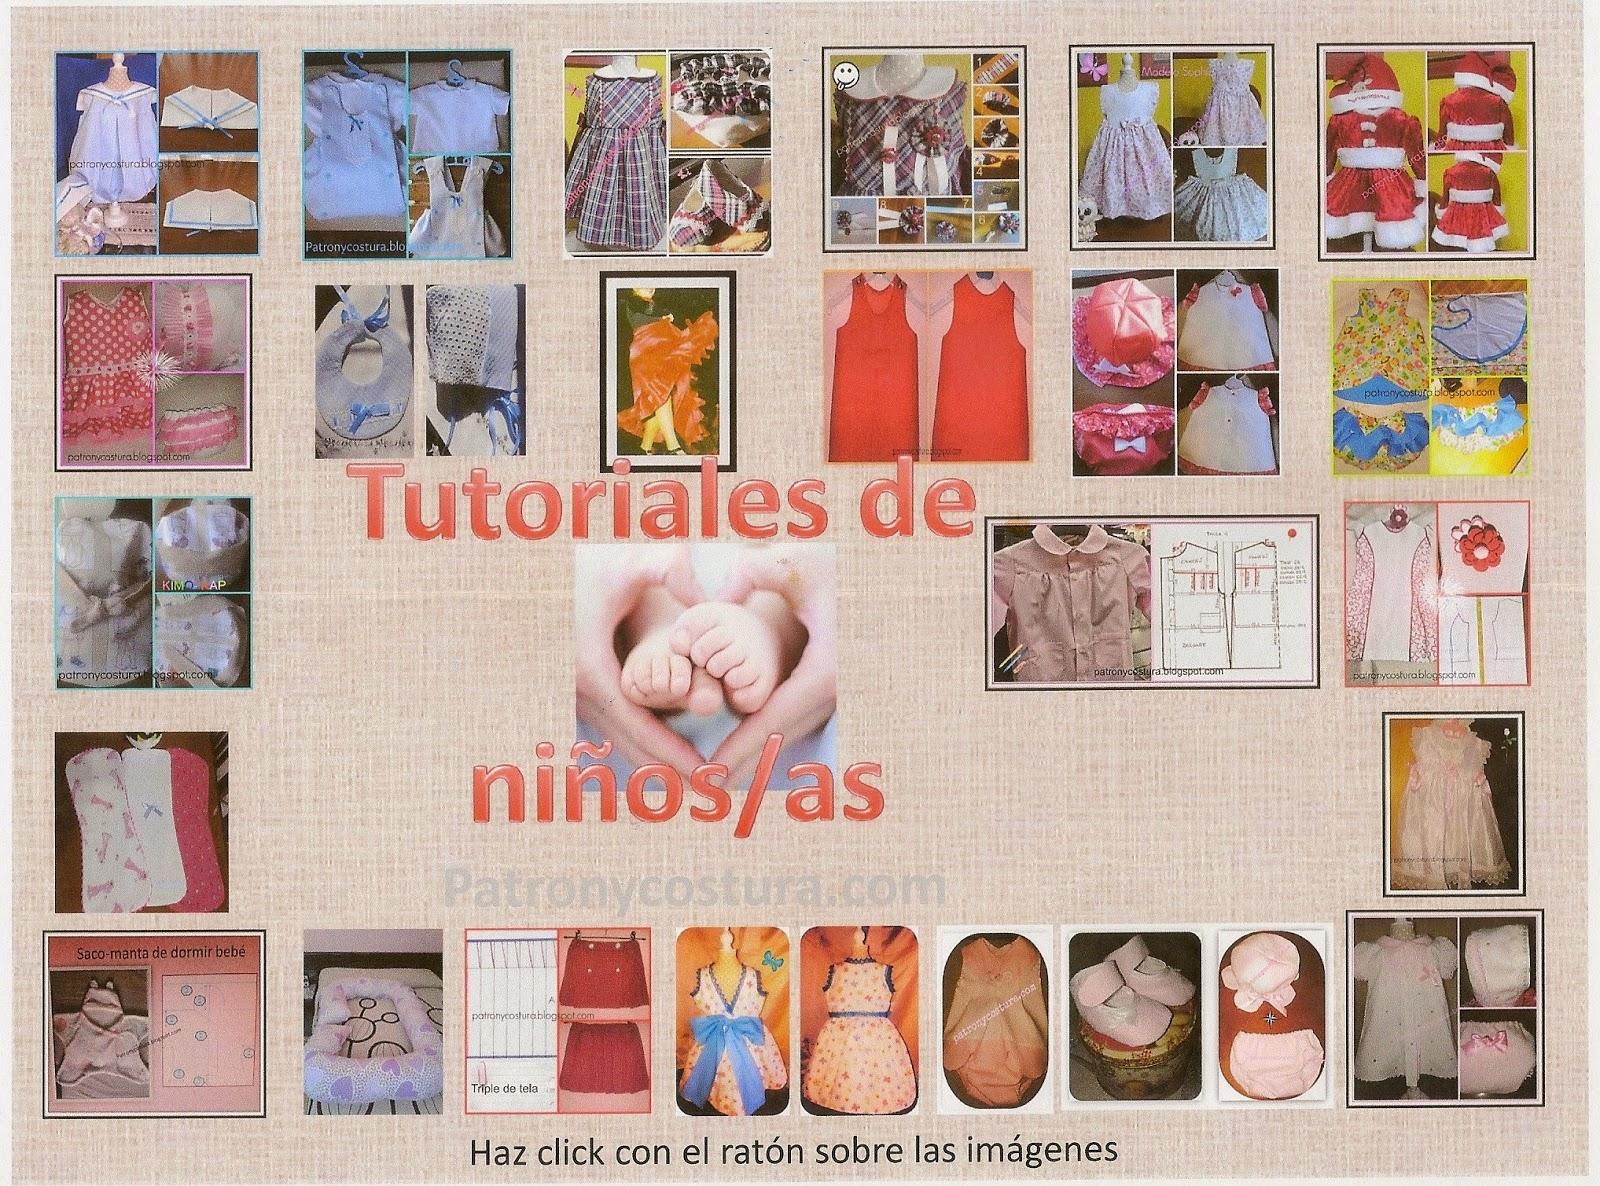 html.//www.patronycostua.com/Ebook:Pasarela-infantil-tema96